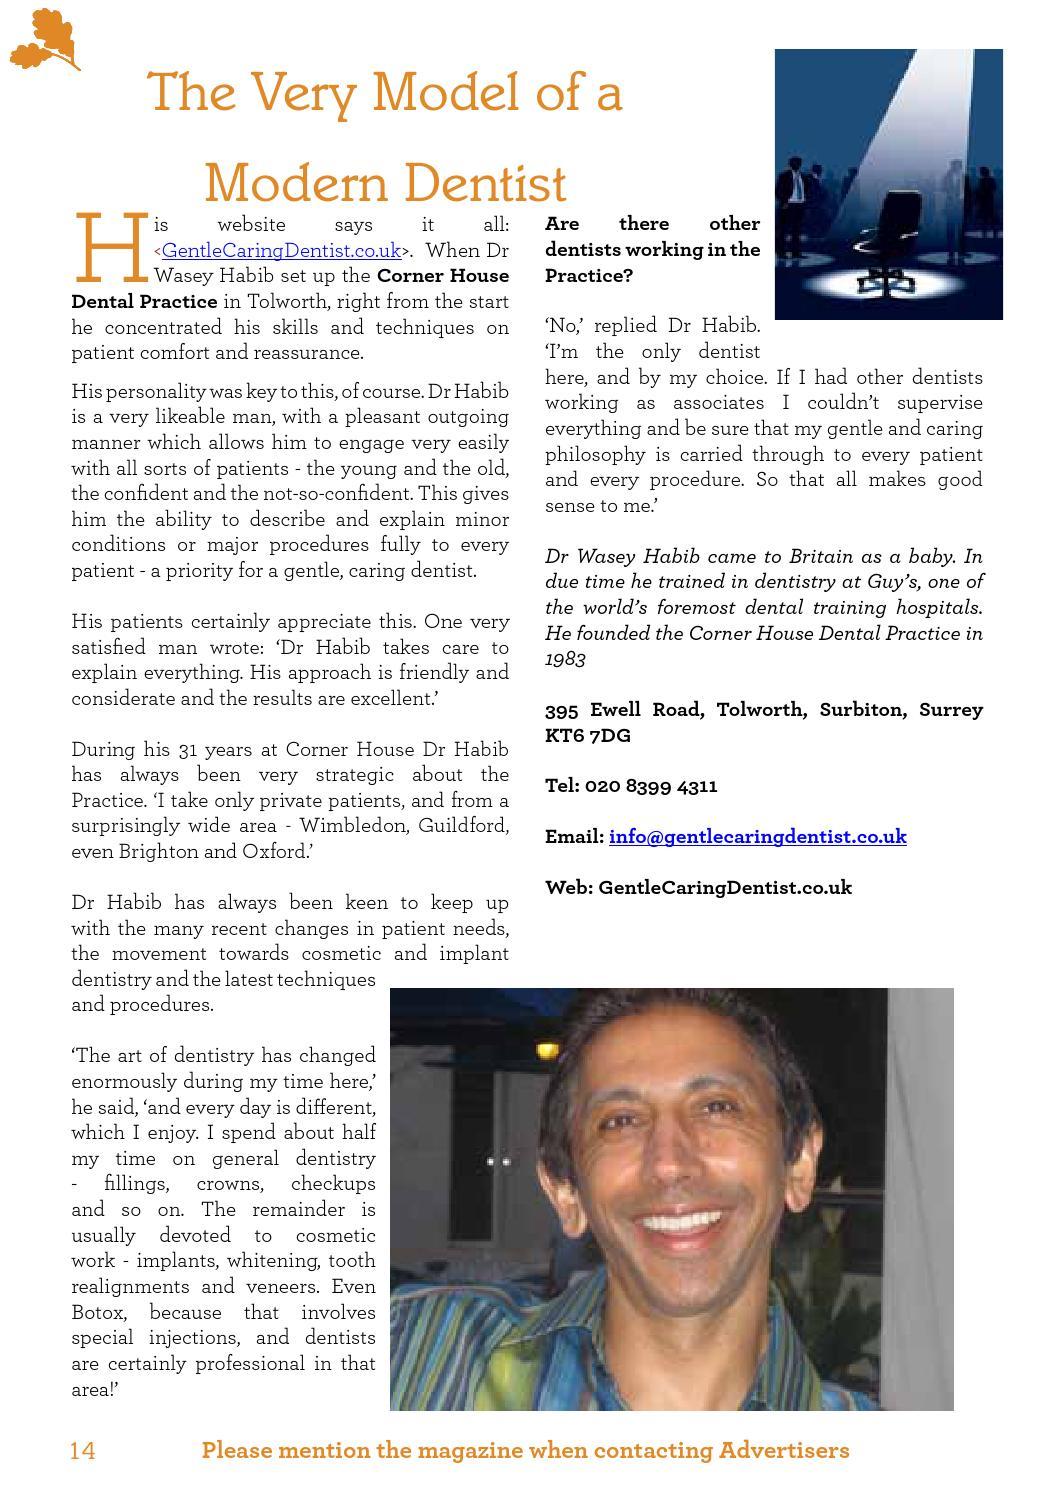 September 2014 issue 91 by Karen - issuu